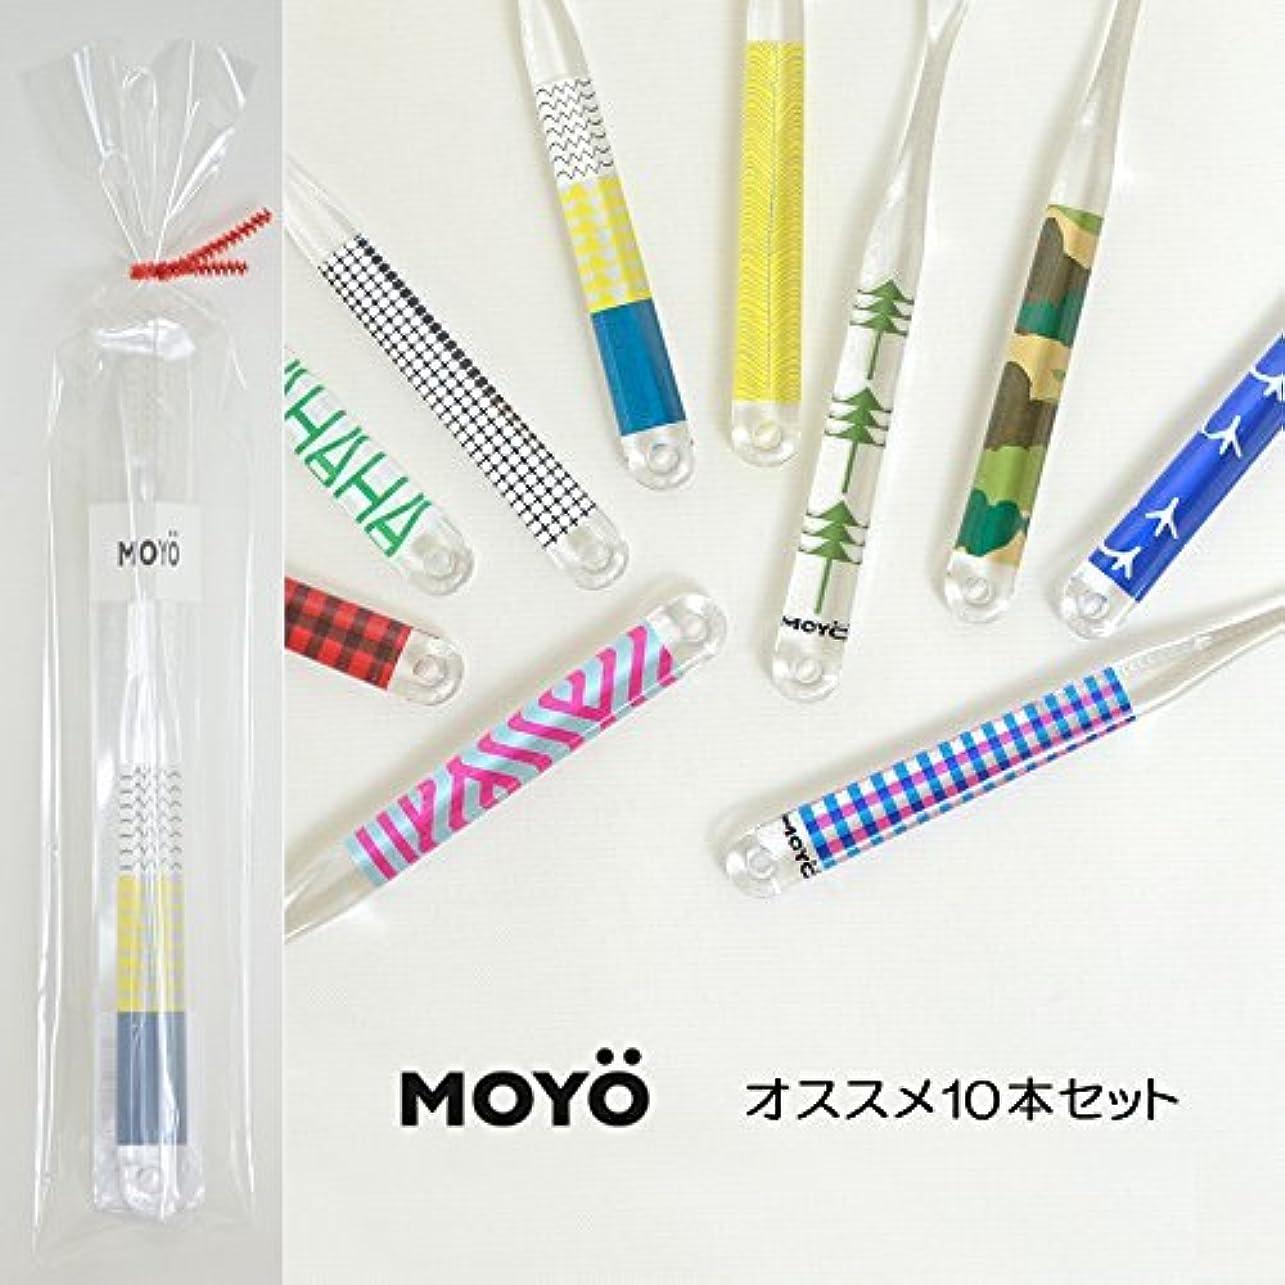 ブロック異常なハシーMOYO モヨウ おすすめ10本 プチ ギフト セット_562302-pop2 【F】,オススメ10本セット